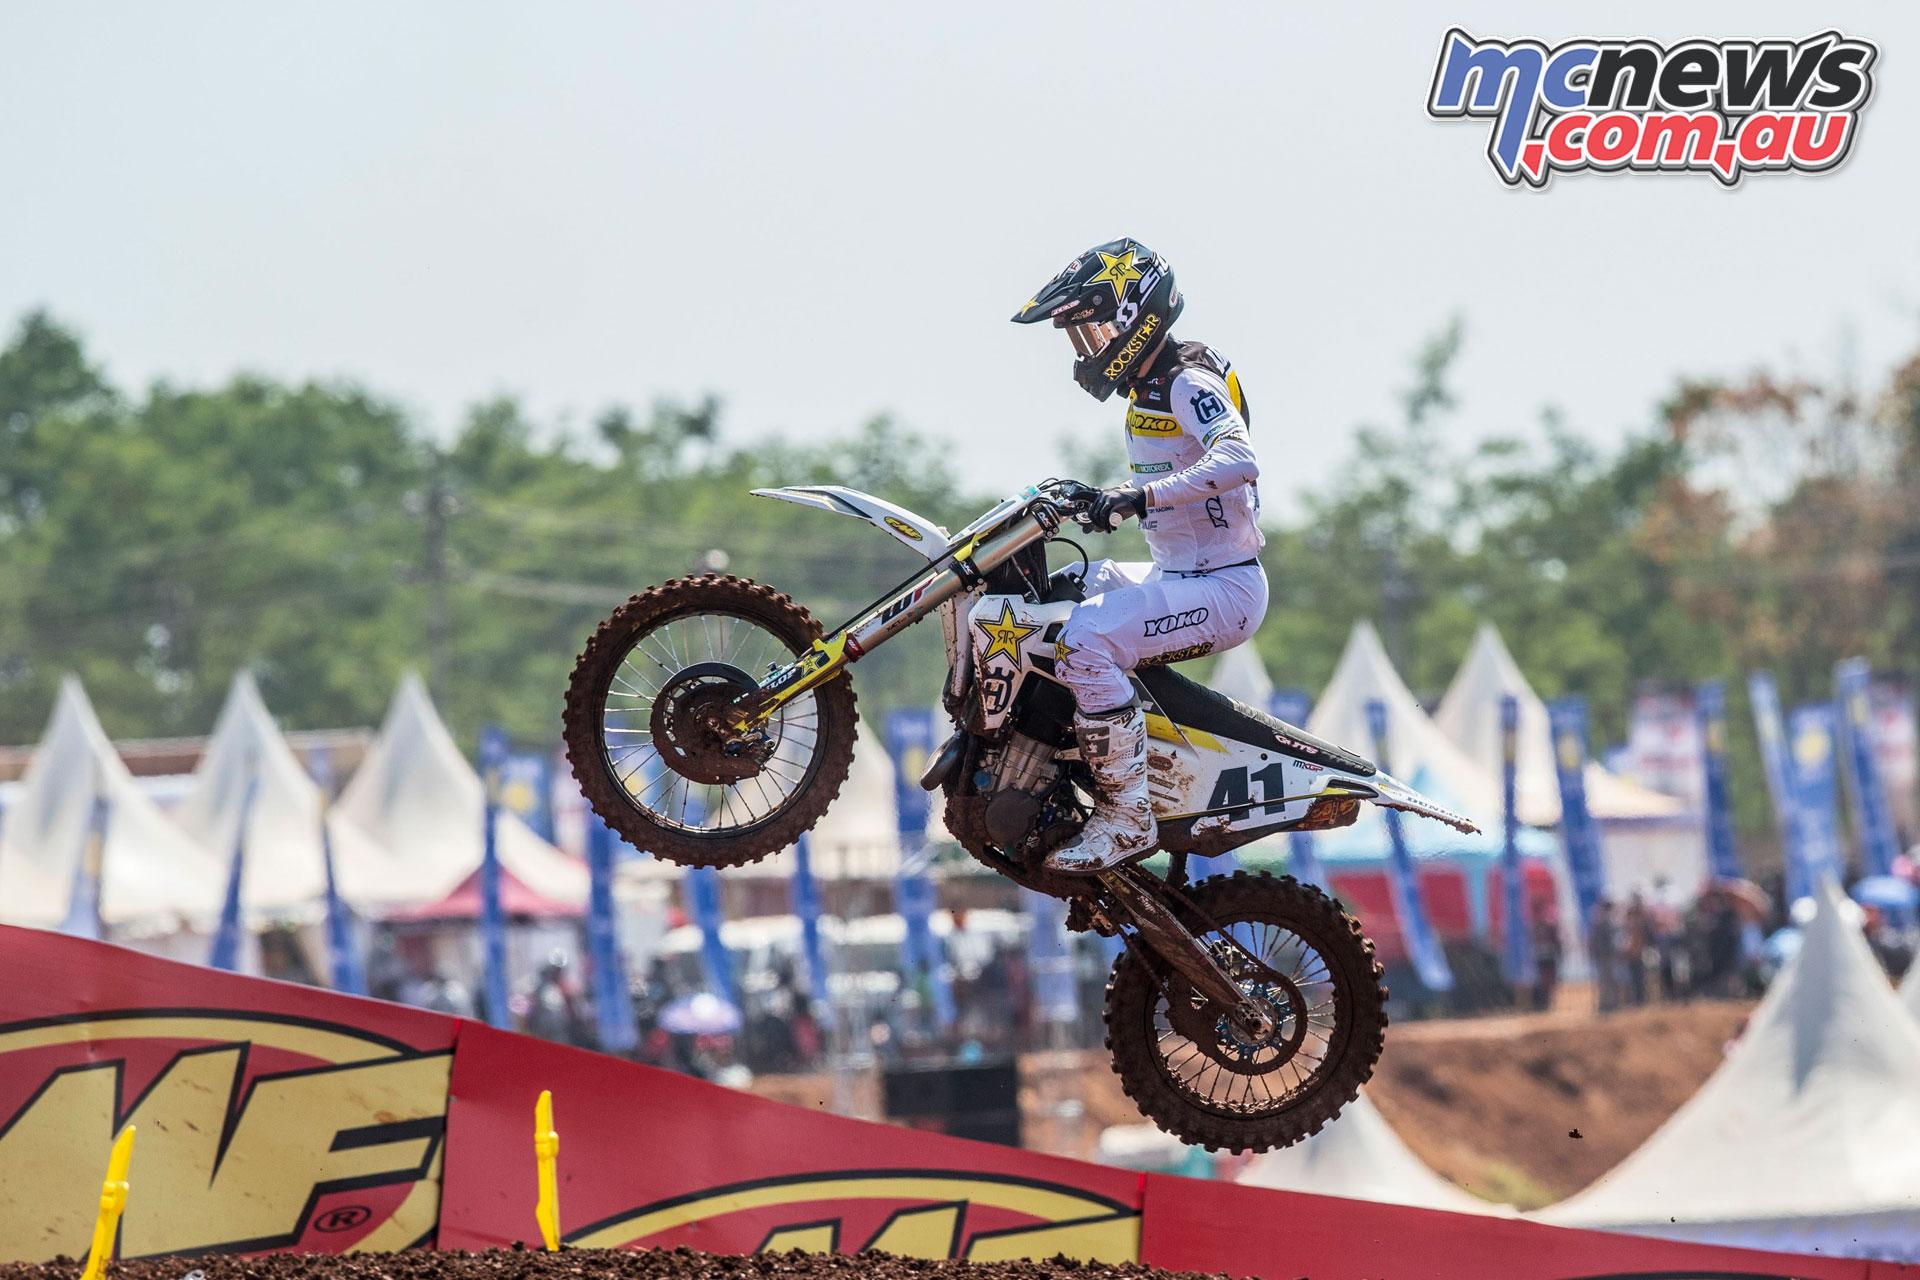 MXGP Asia Semarang Rnd Pauls Jonass